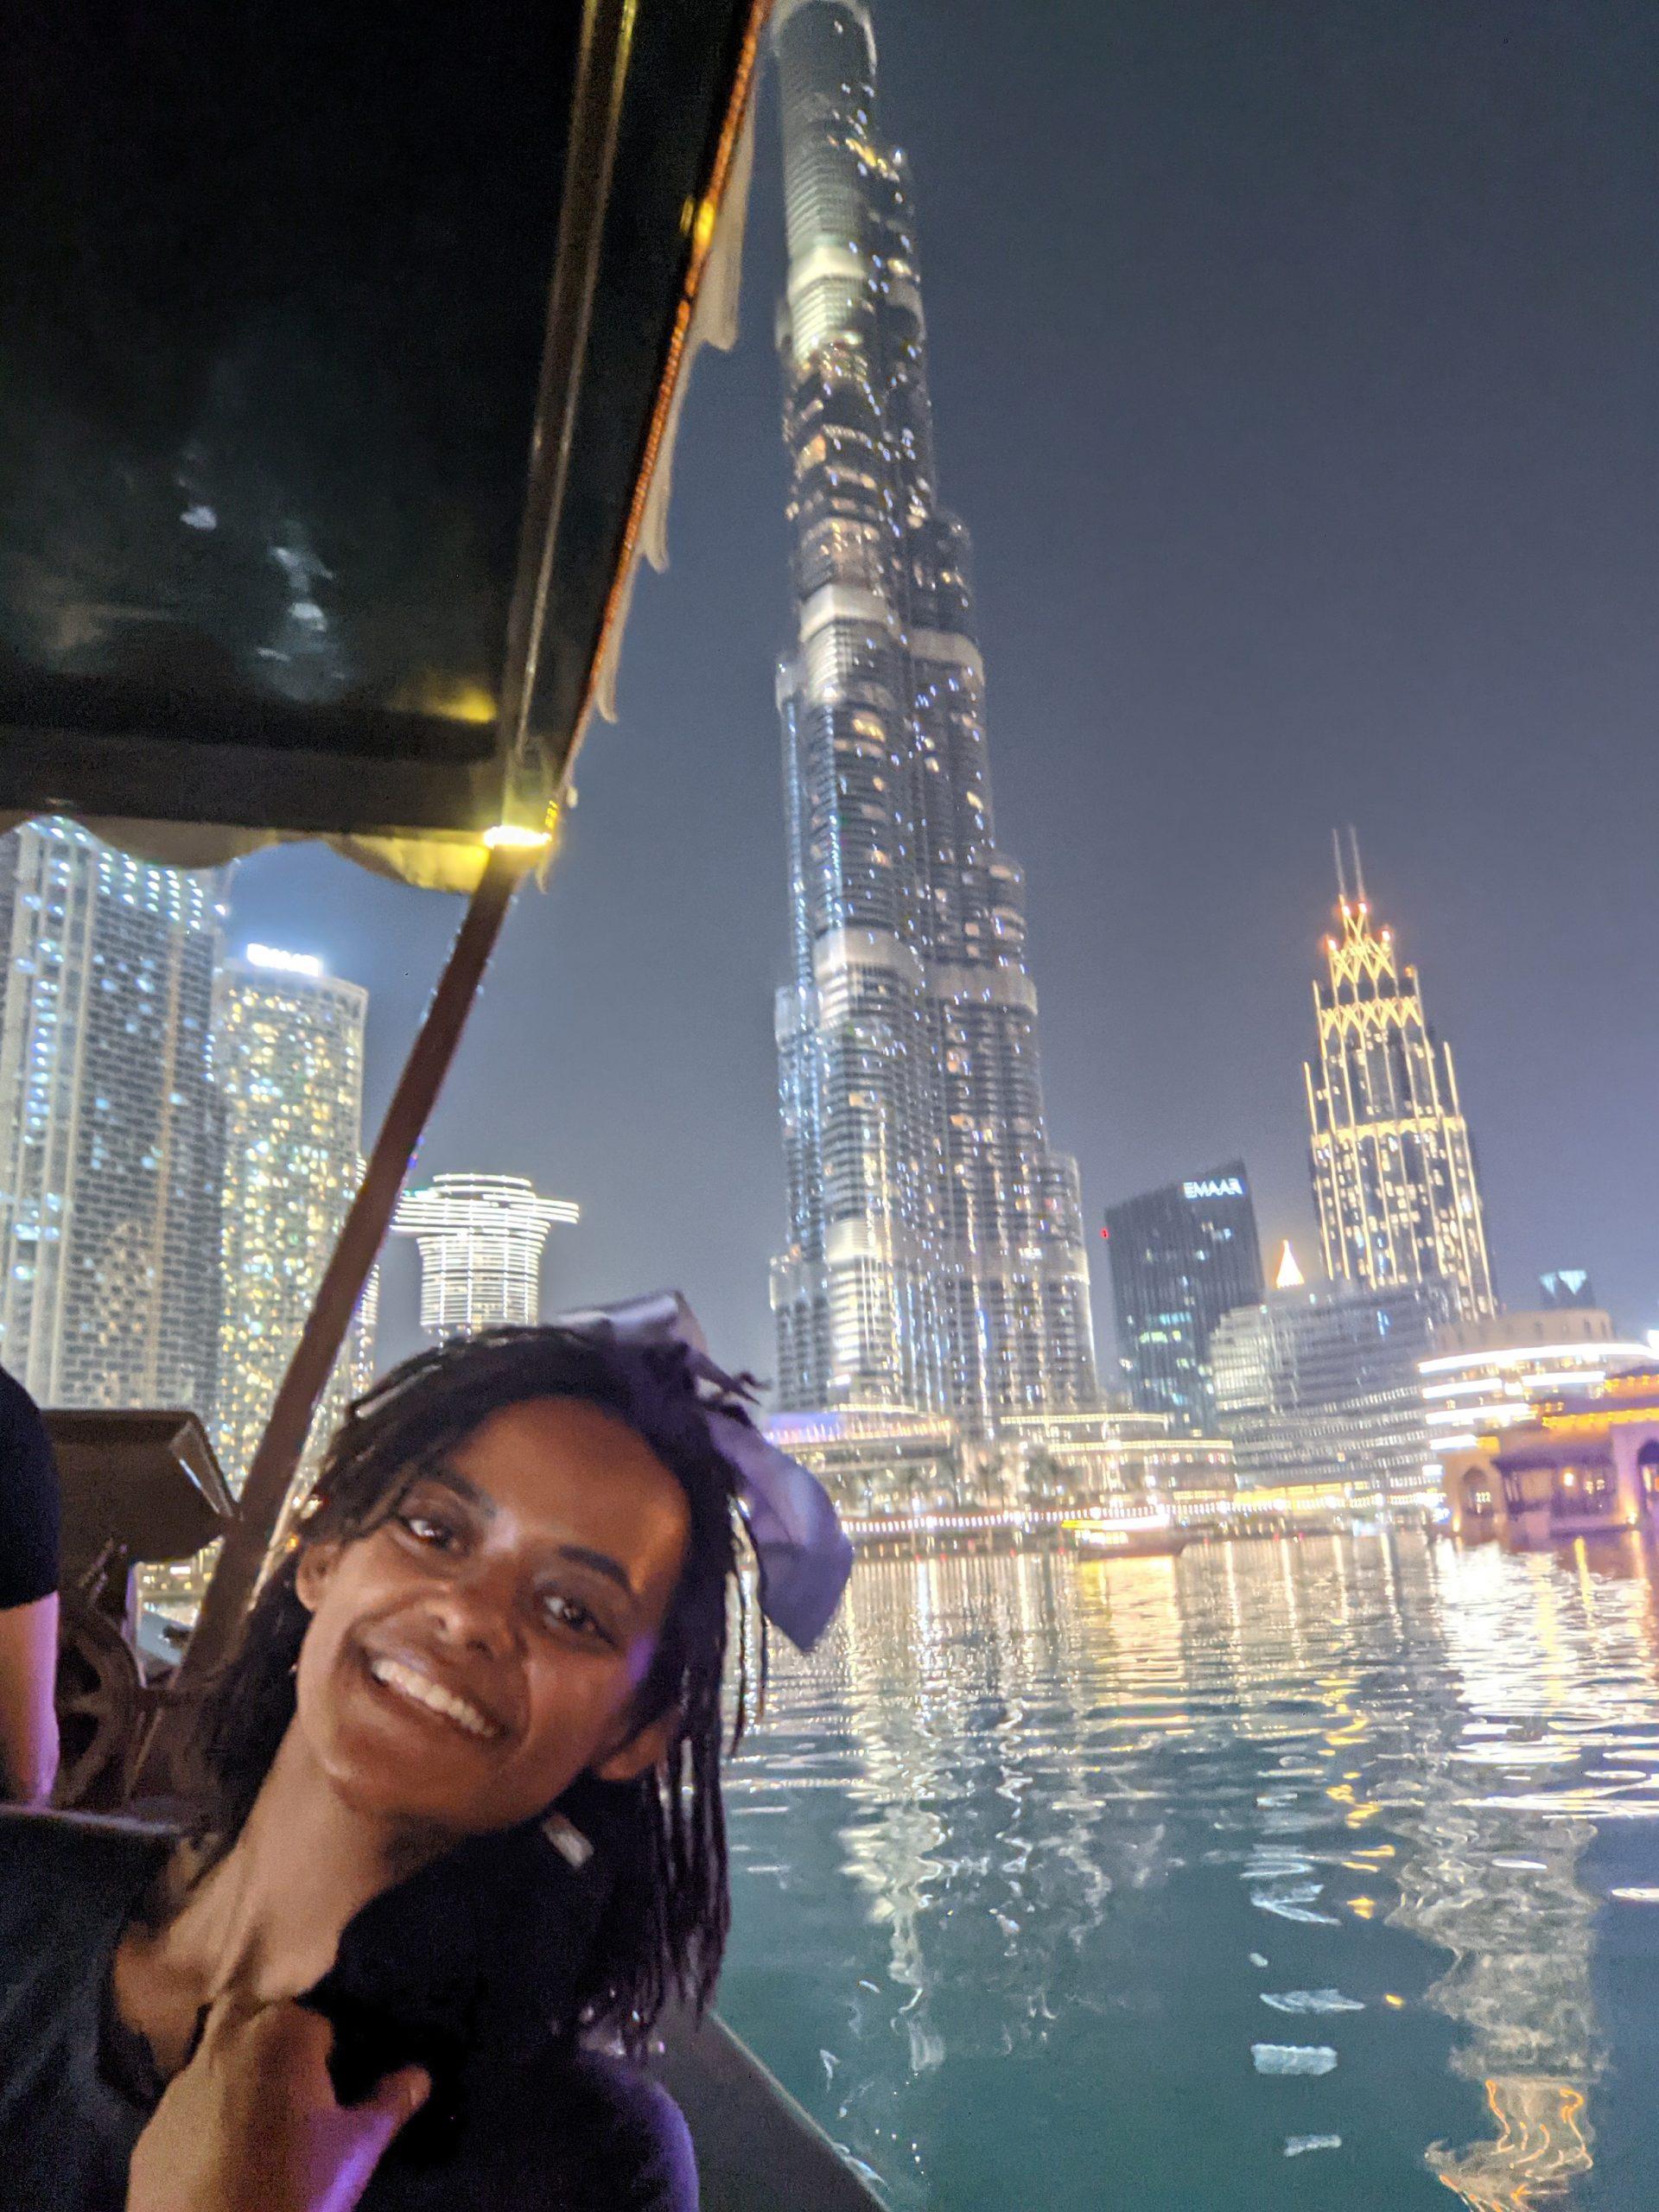 An overnight layover in Dubai